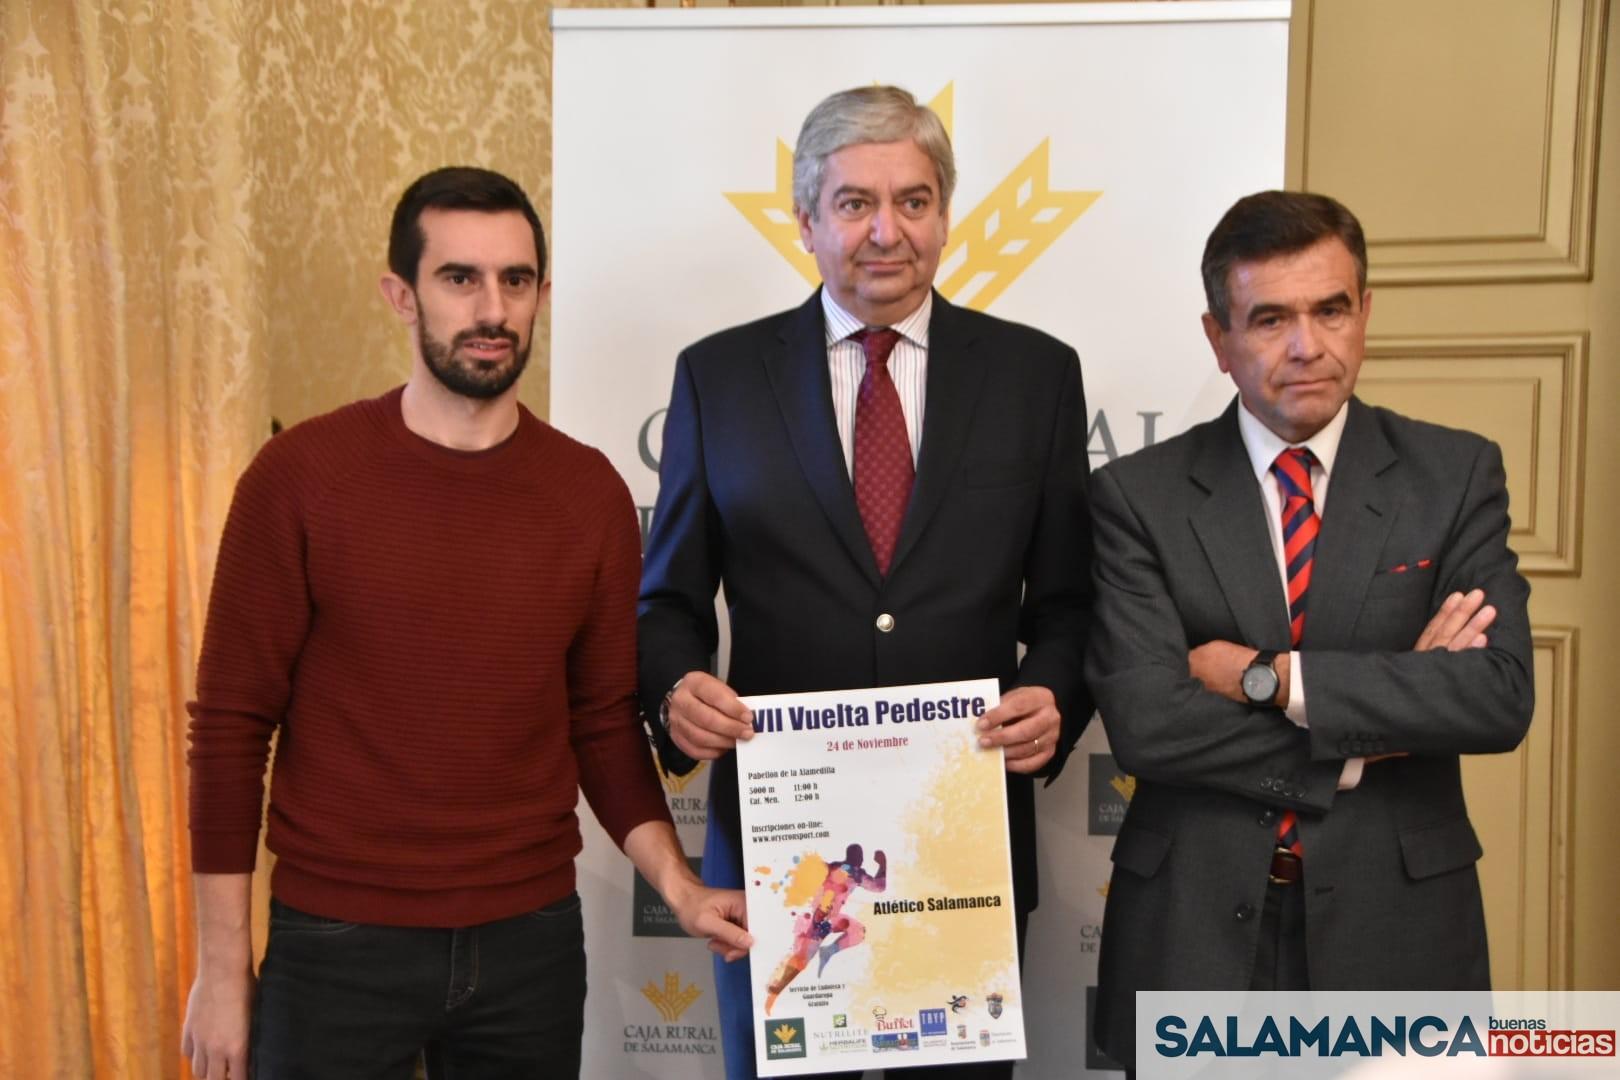 La séptima edición de la Vuelta Pedestre congregará en Salamanca a 700 atletas el próximo 24 de noviembre